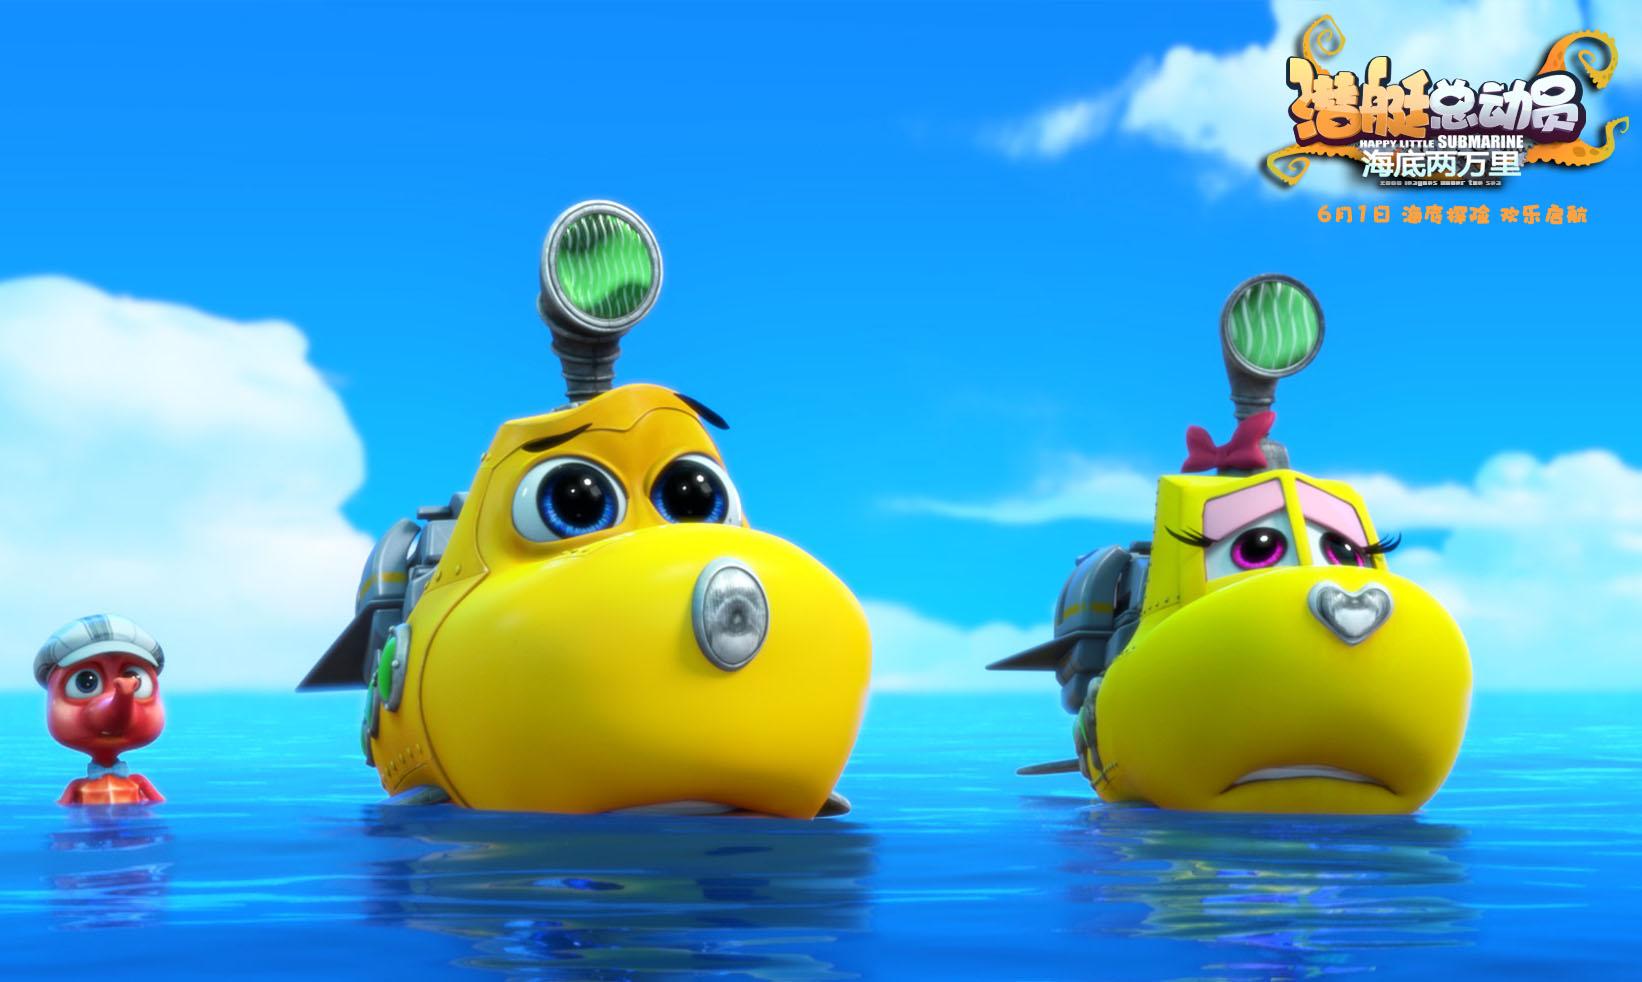 过六一 看潜艇 暖心故事深化教育内涵 《潜艇总动员:海底两万里》致敬凡尔纳少儿科幻经典读物《海底两万里》,在保留角色原型的基础上,进行了全新改编。小潜艇为了寻找传说中的神秘海怪,踏上了充满艰辛与危险的冒险旅程。在这个过程中,除了来自伙伴的质疑,各种阻挠和诱惑也掺杂在其中。小潜艇怀揣着对于未知世界的向往,勇敢启航面对崭新的一切,将会带给小朋友许多温暖与感动。合家欢的主题以及陪伴与成长的双向内涵相得益彰,为影片增添了更多亮点,过六一 看潜艇定会成为不少家庭儿童节观影的首选。 据悉,海底奇幻冒险动画电影《潜